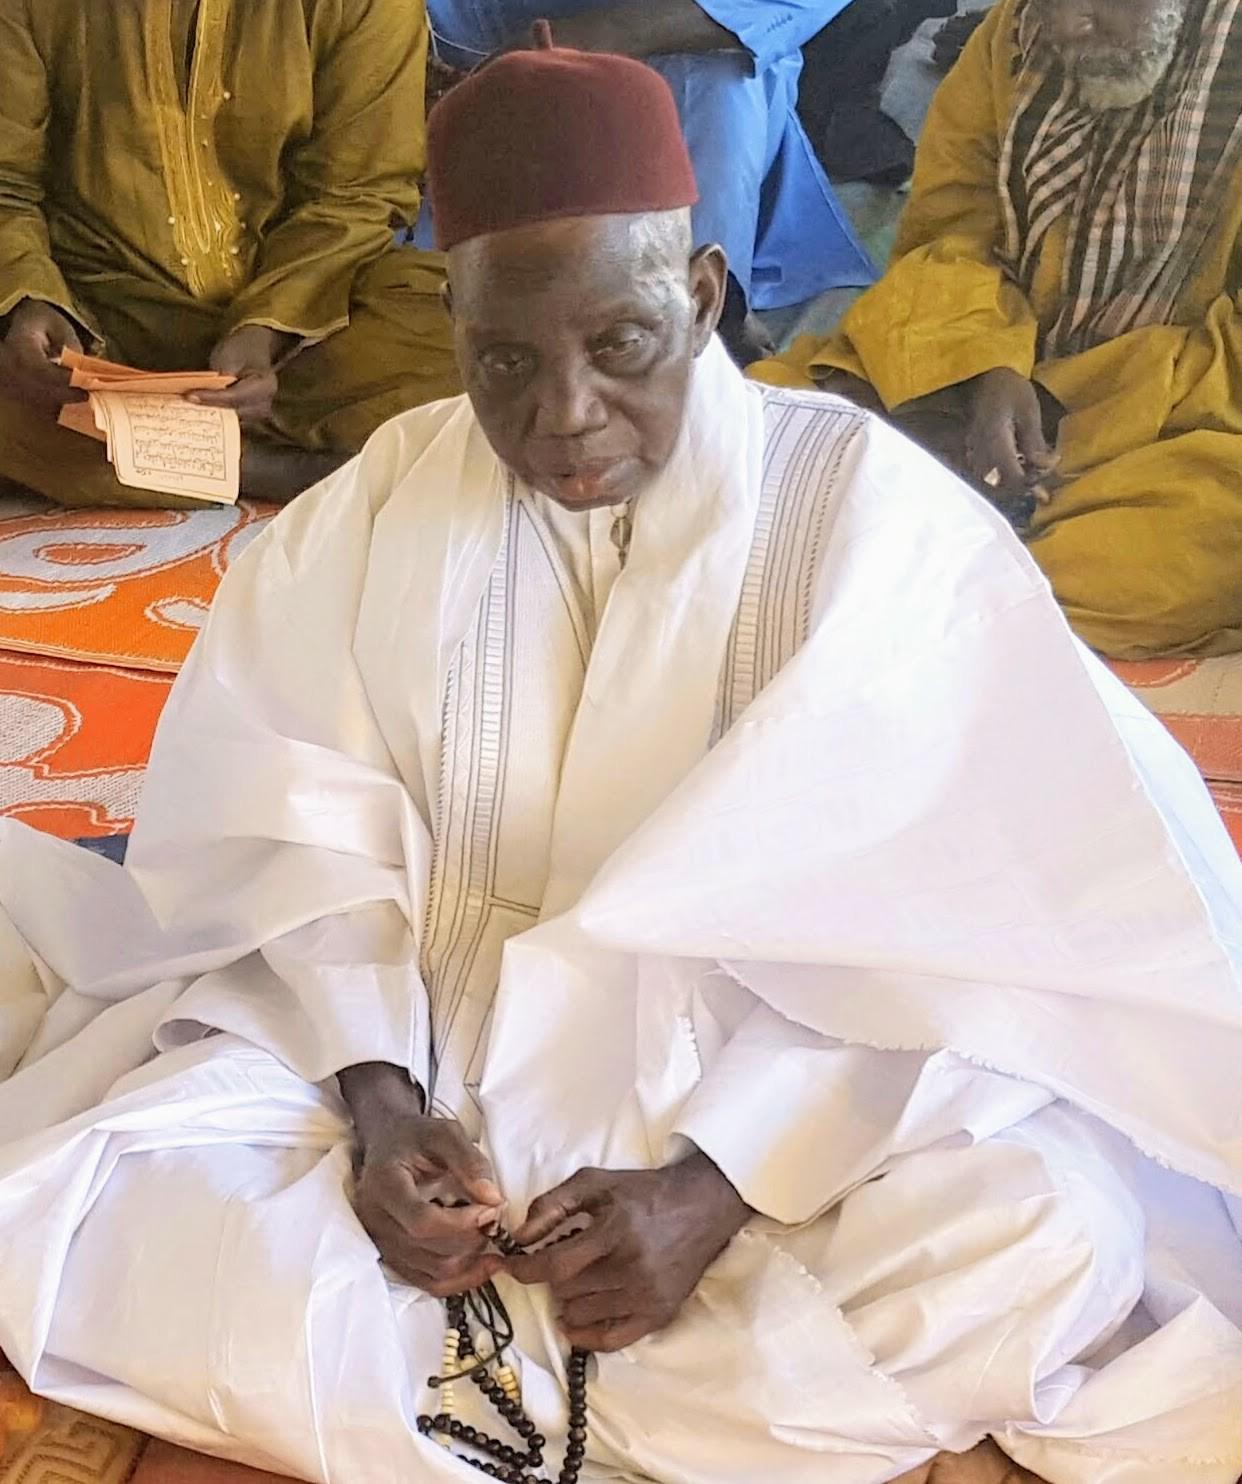 Nécrologie : L'Imam Ratib de la Grande Mosquée de Kaffrine, Serigne Moussa Ndao tire sa révérence